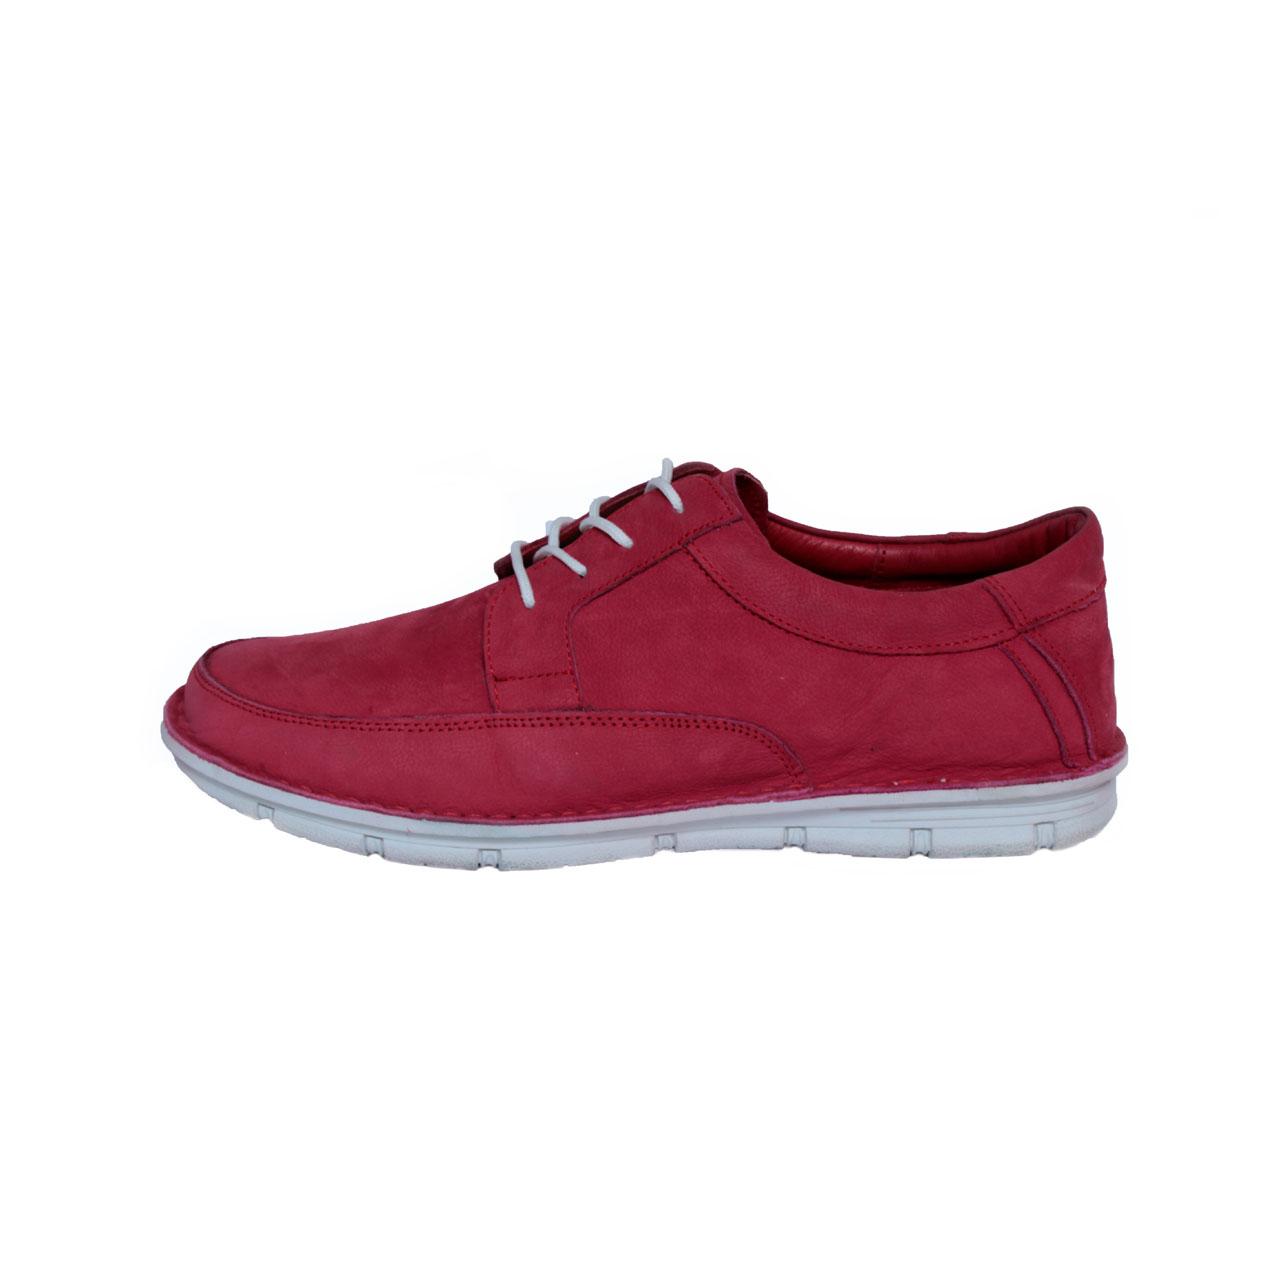 کفش روزمره مردانه ساینا چرم مدل M108 red